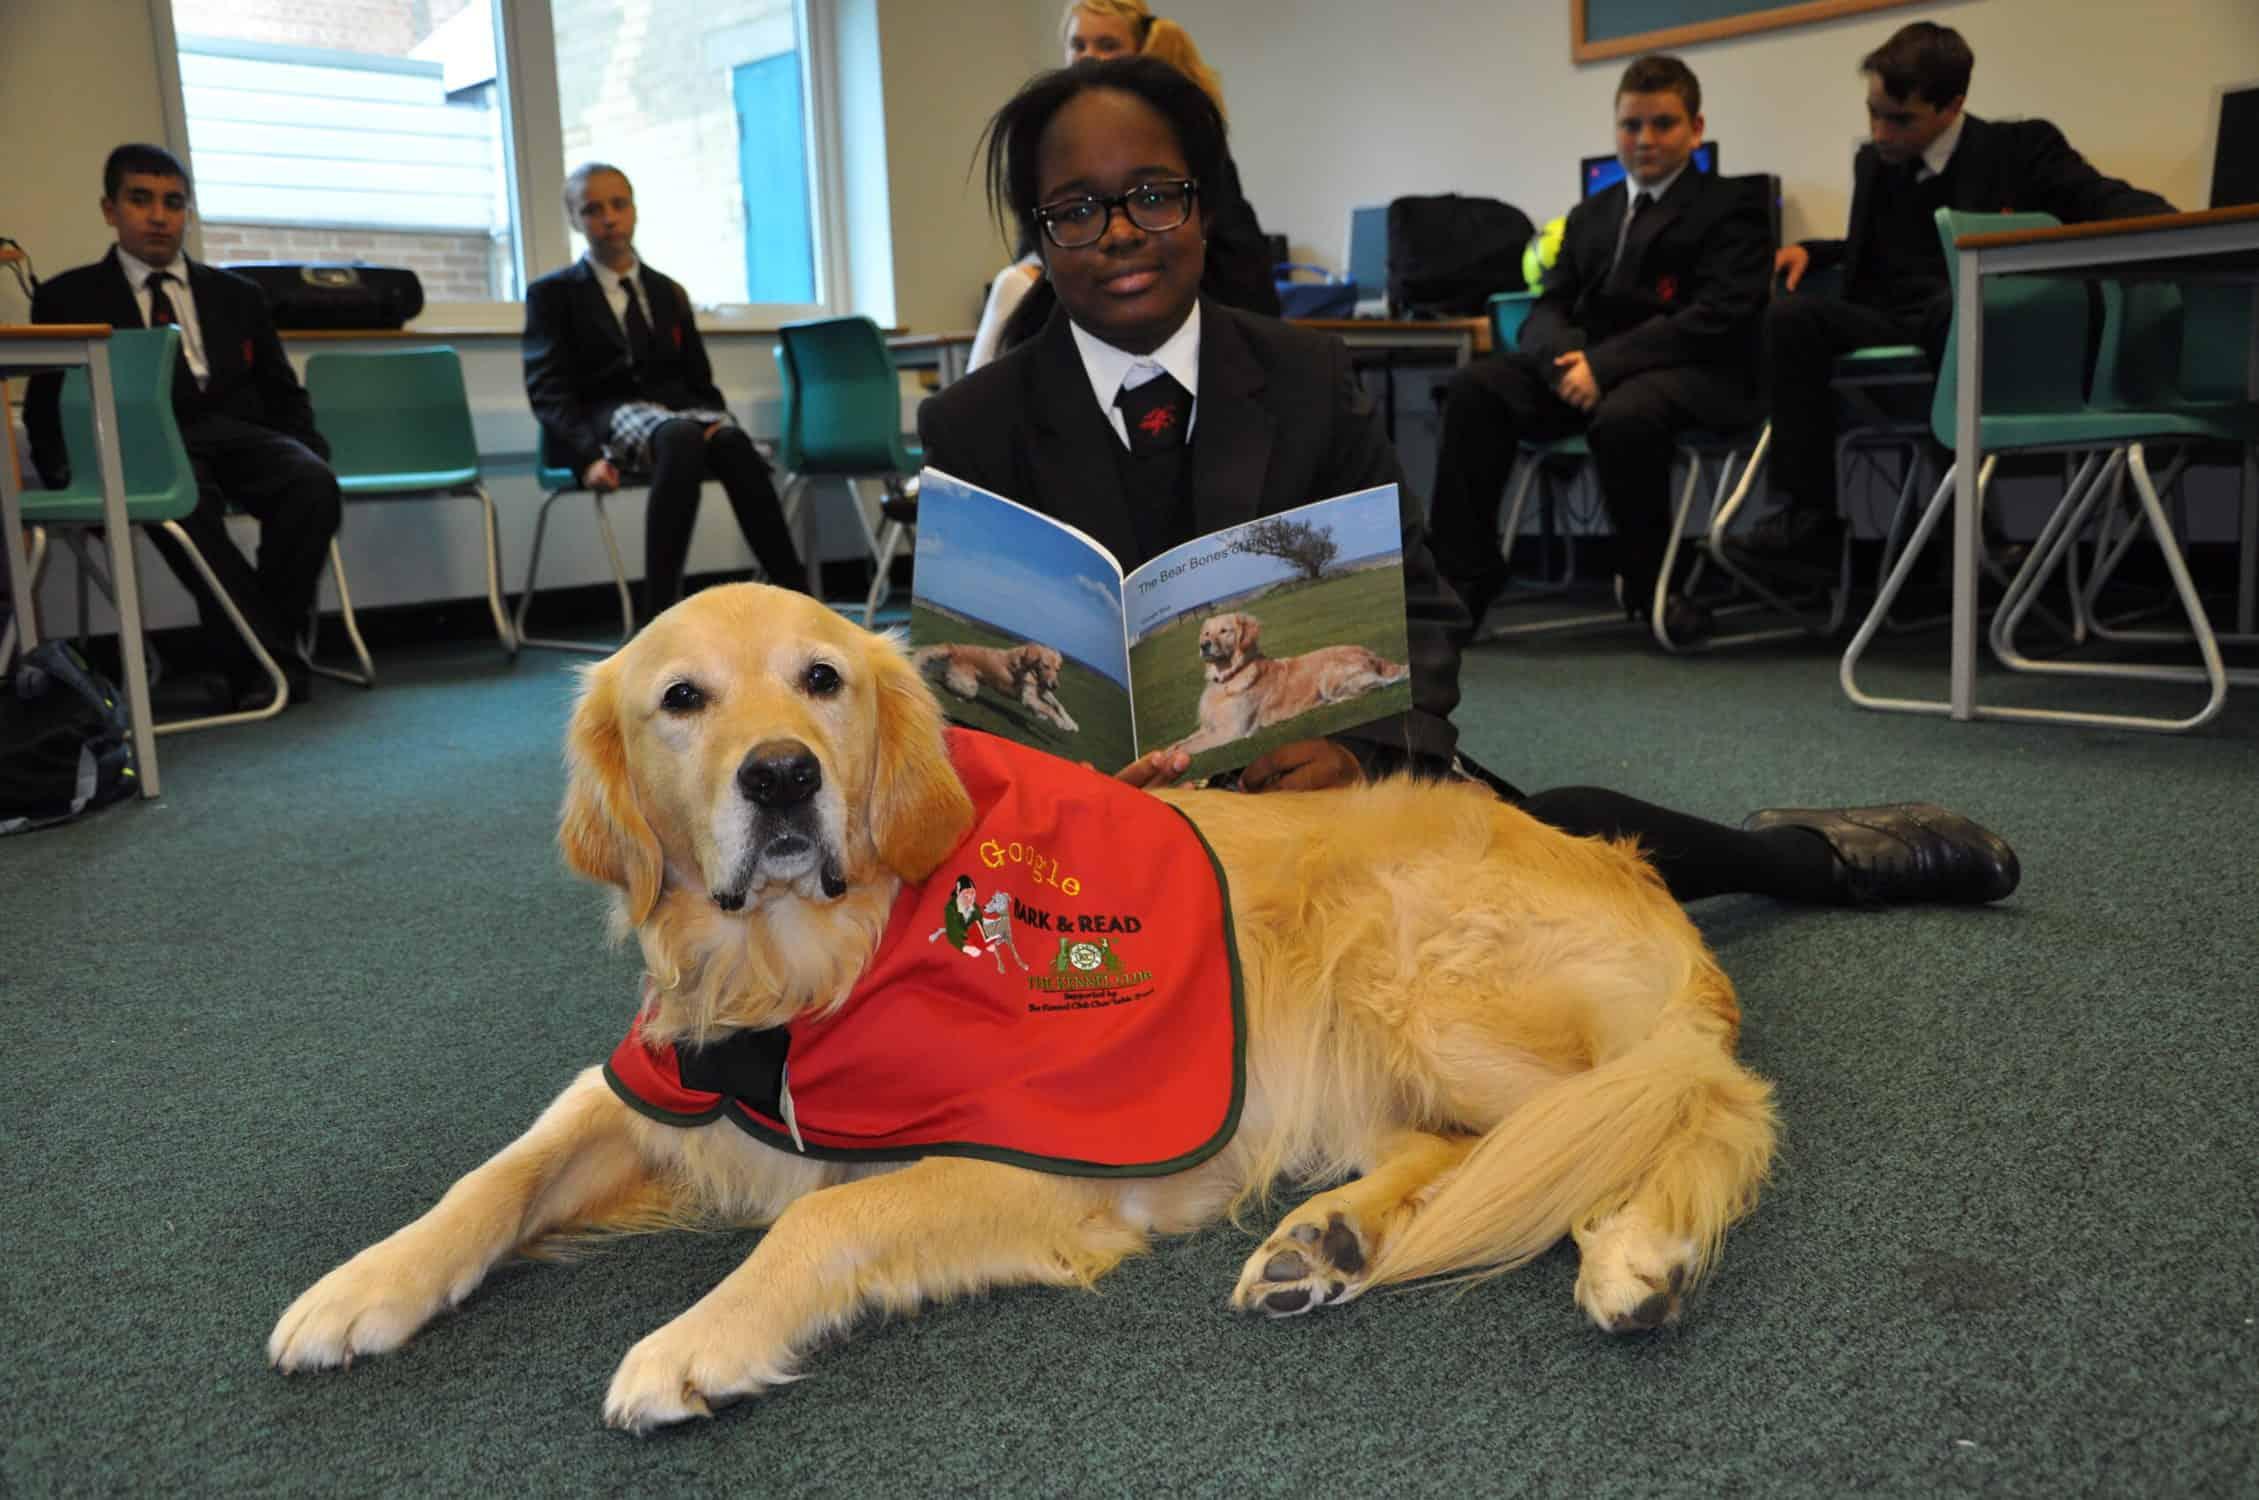 Wenn Kinder einem Hund vorlesen, werden sie bessere Leser und steigern ihr Selbstvertrauen. Der Kennel Club erklärt, warum er ausgebildete Hunde in Schulen bringt, um die Lesefähigkeit von Kindern zu verbessern.